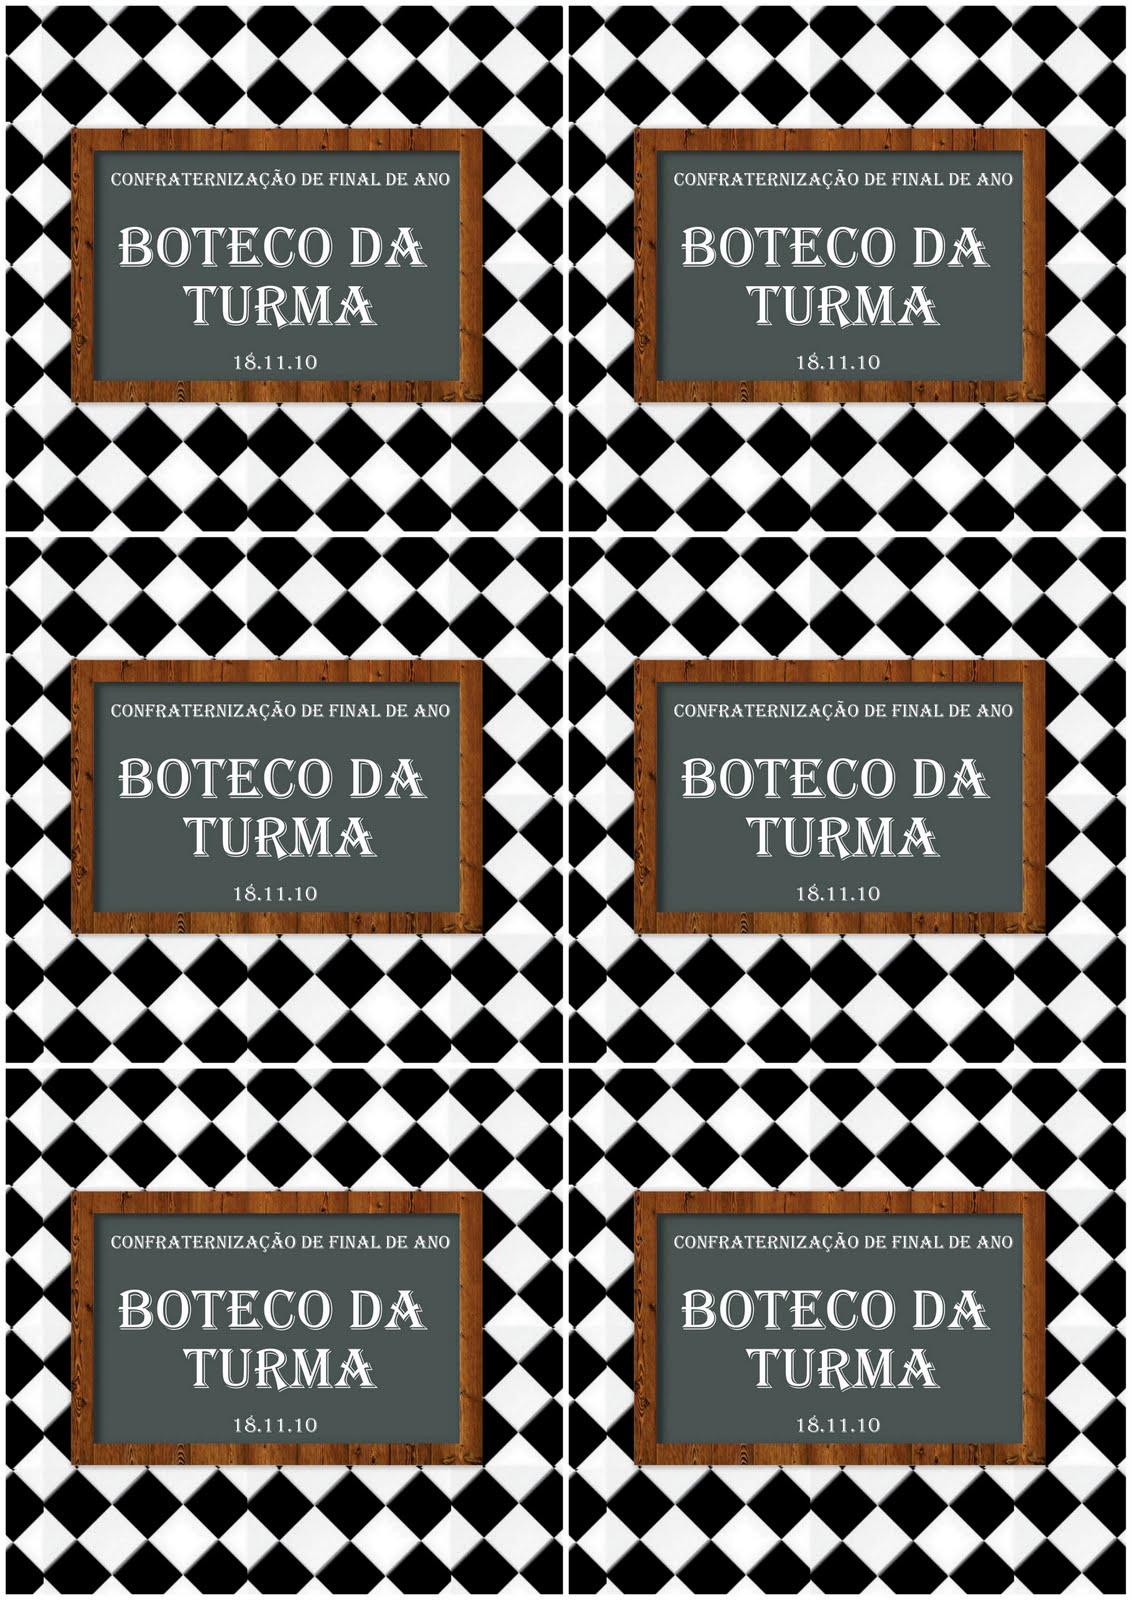 decorar um boteco: da Amélia!: Preparativos Boteco – Confraternização de Final de Ano